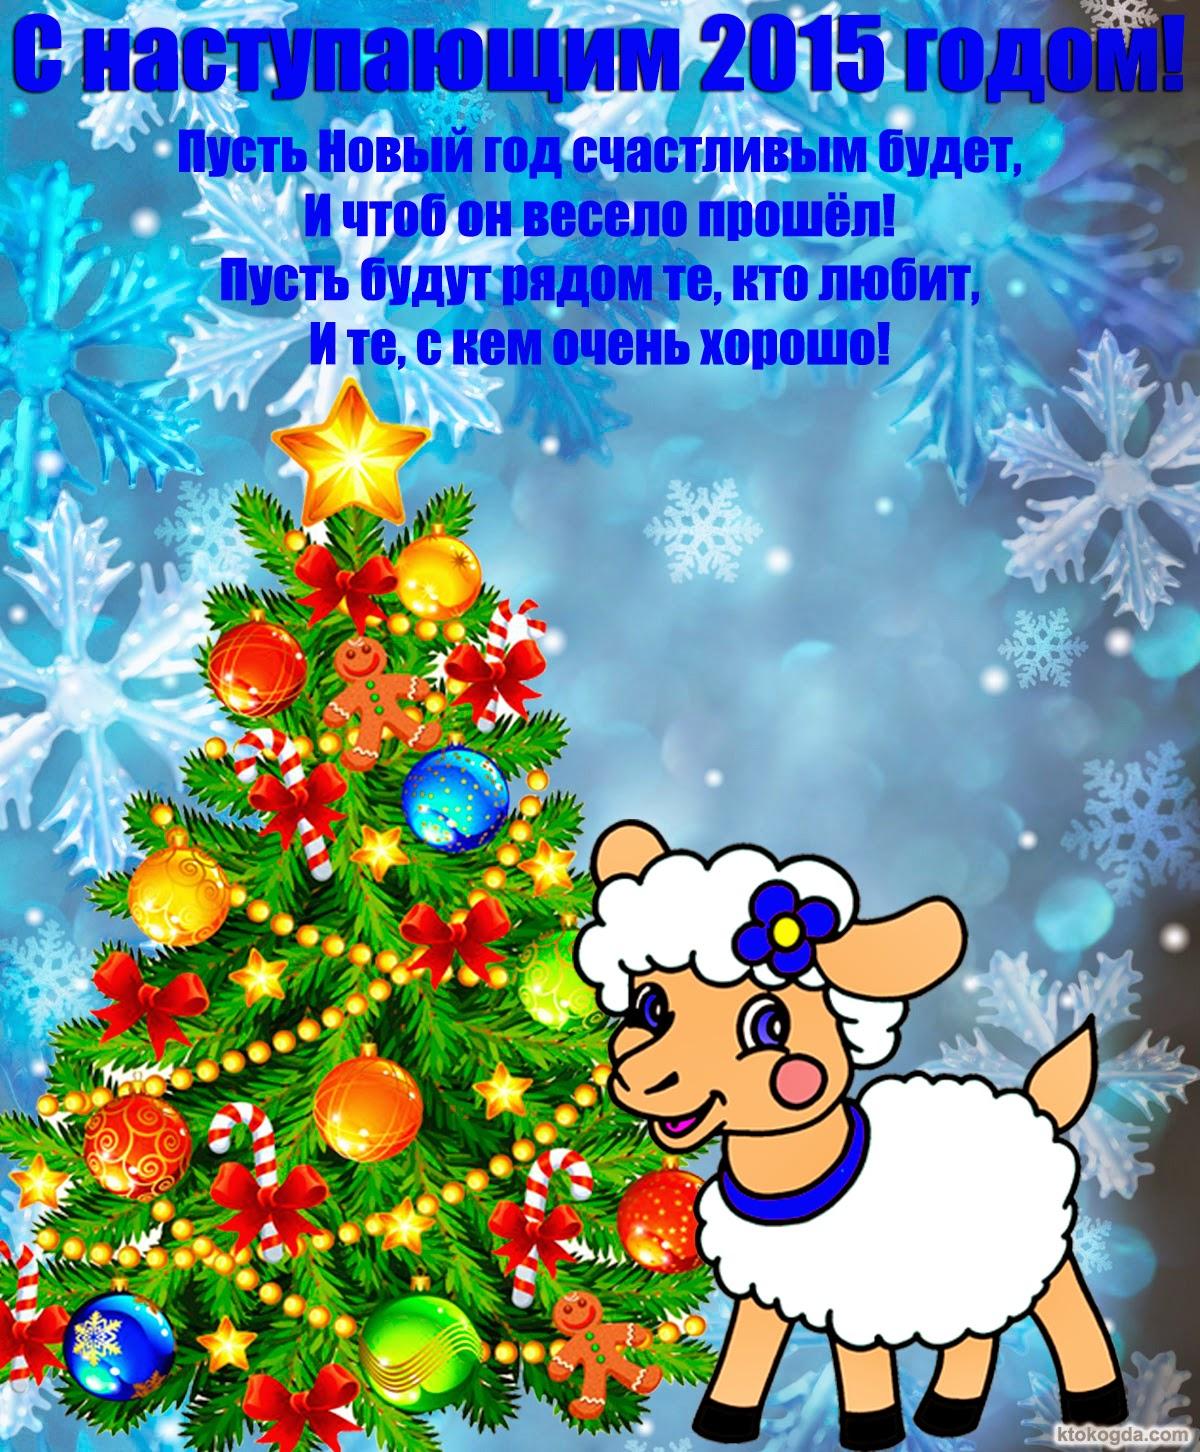 З наступаючим Новим роком!!!